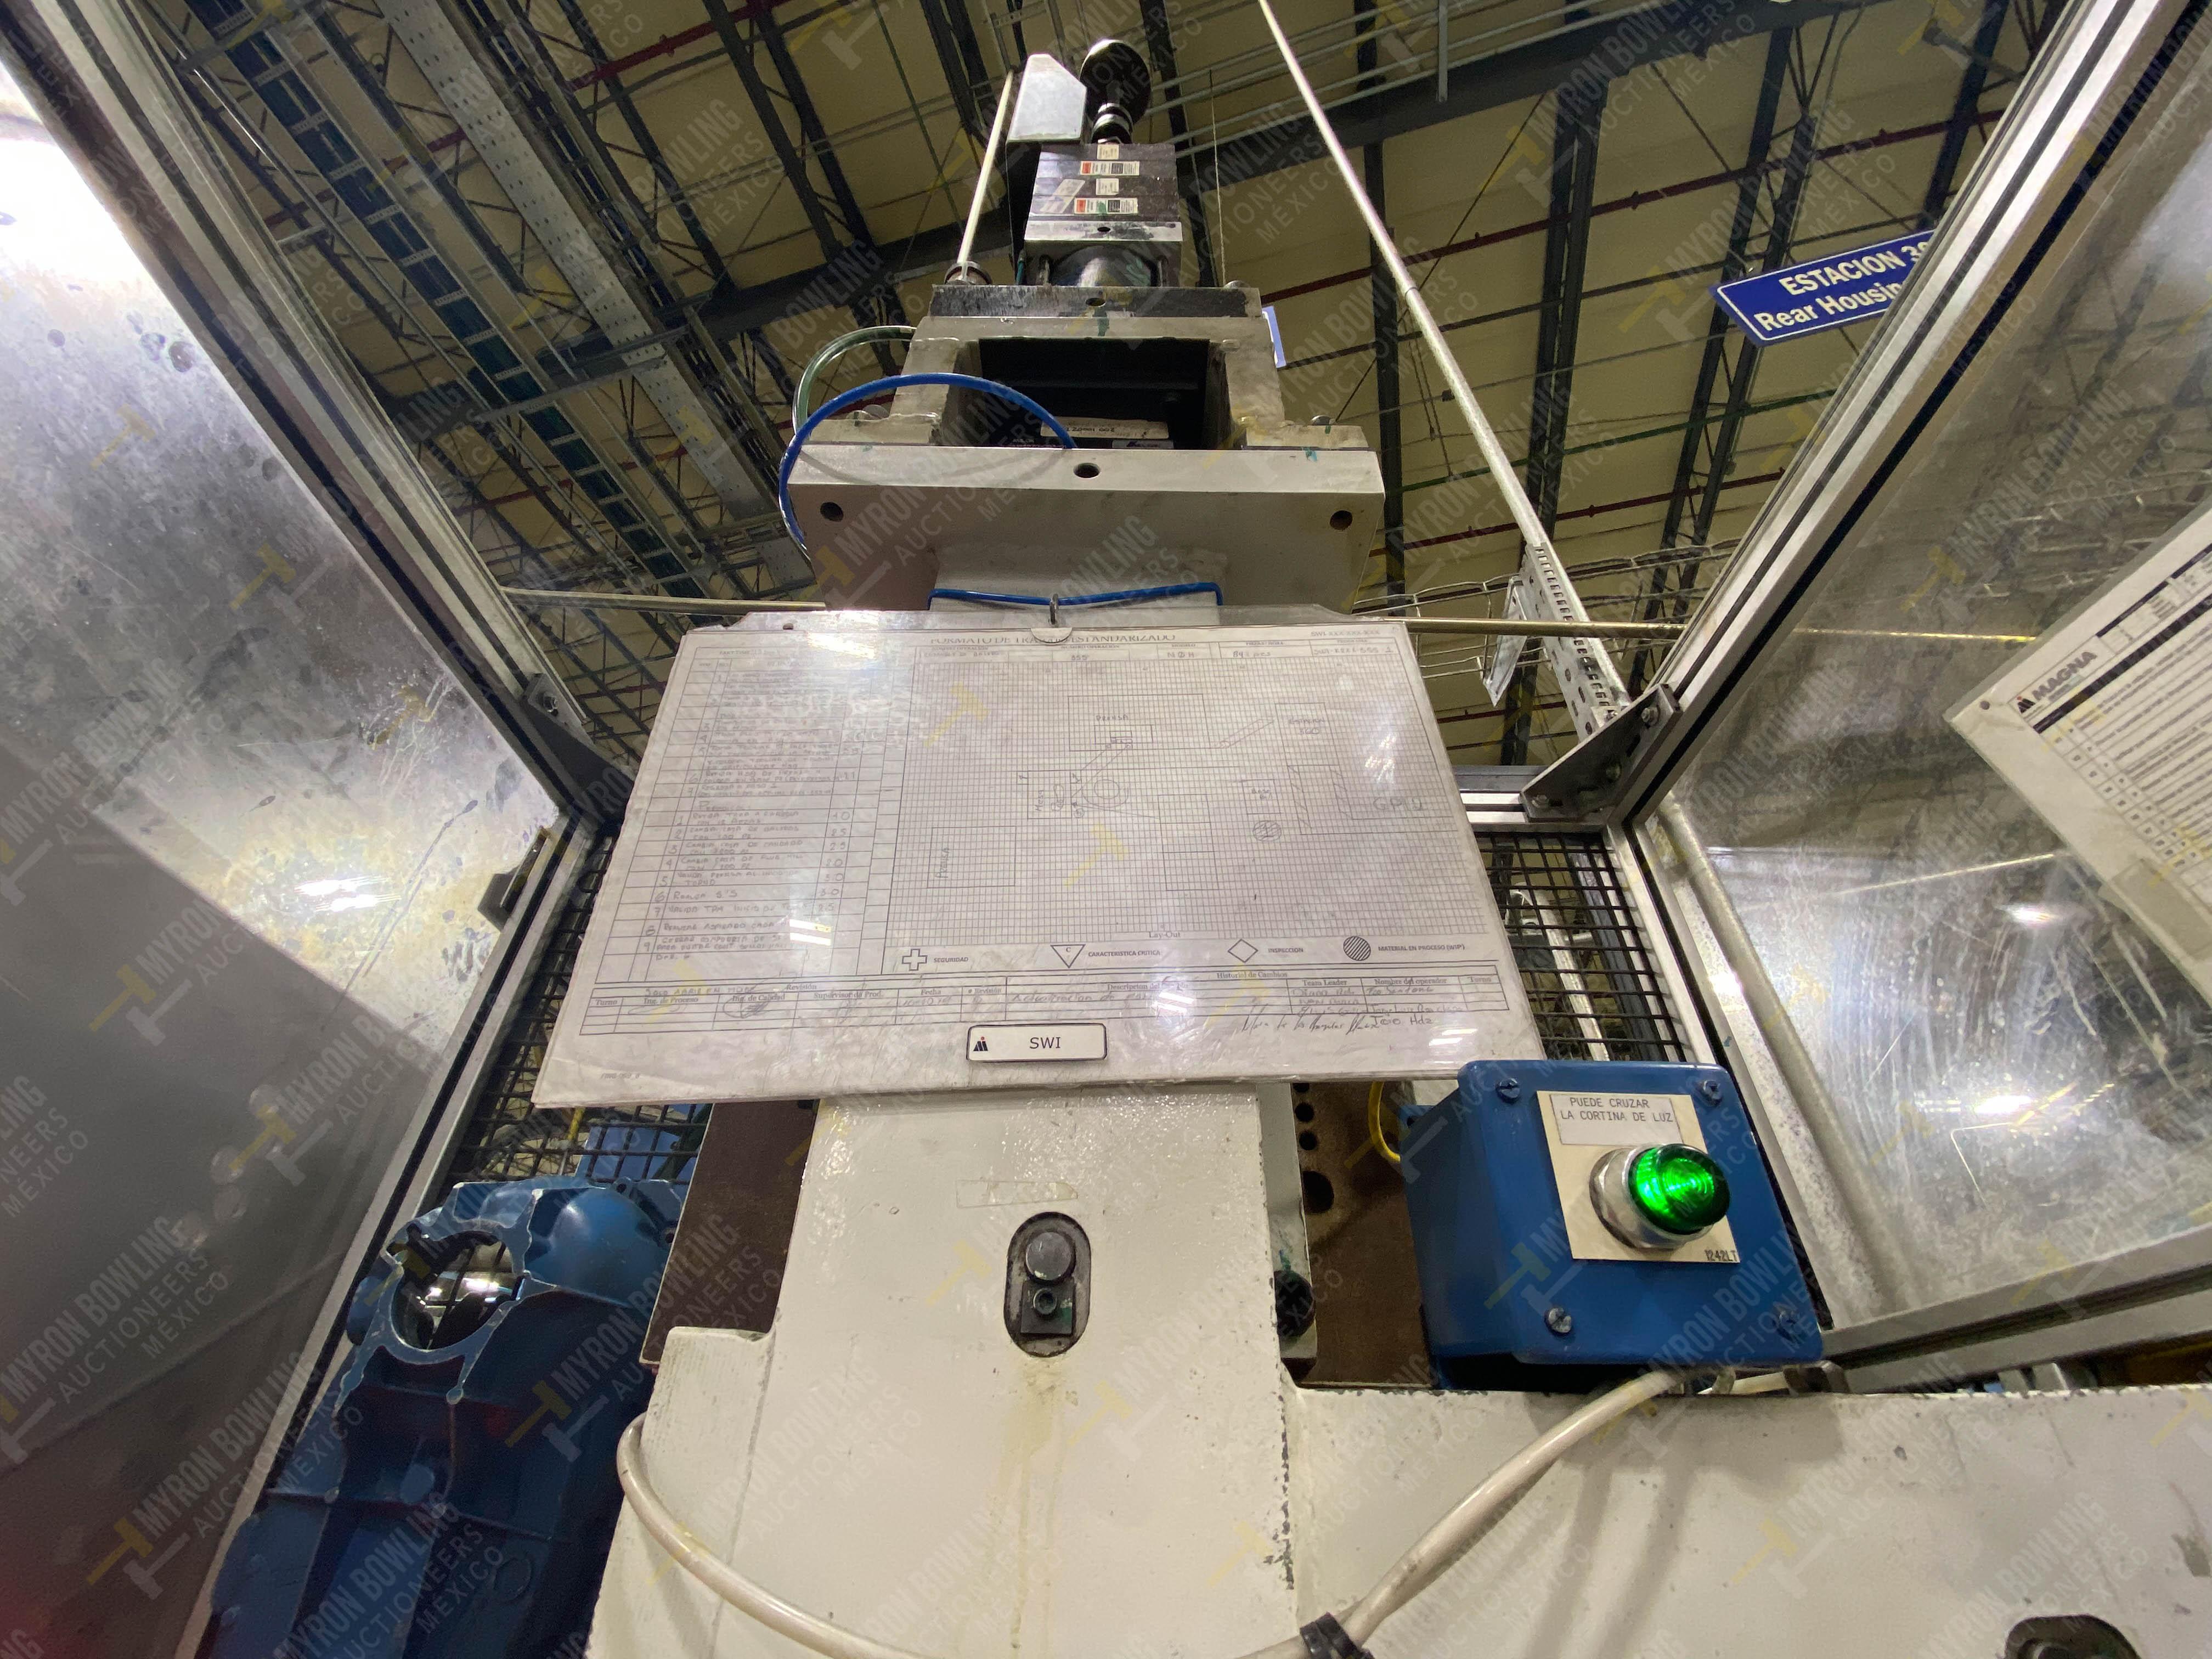 Estación semiautomática para operación 355A, contiene: Prensa en estructura de placa de acero - Image 15 of 36